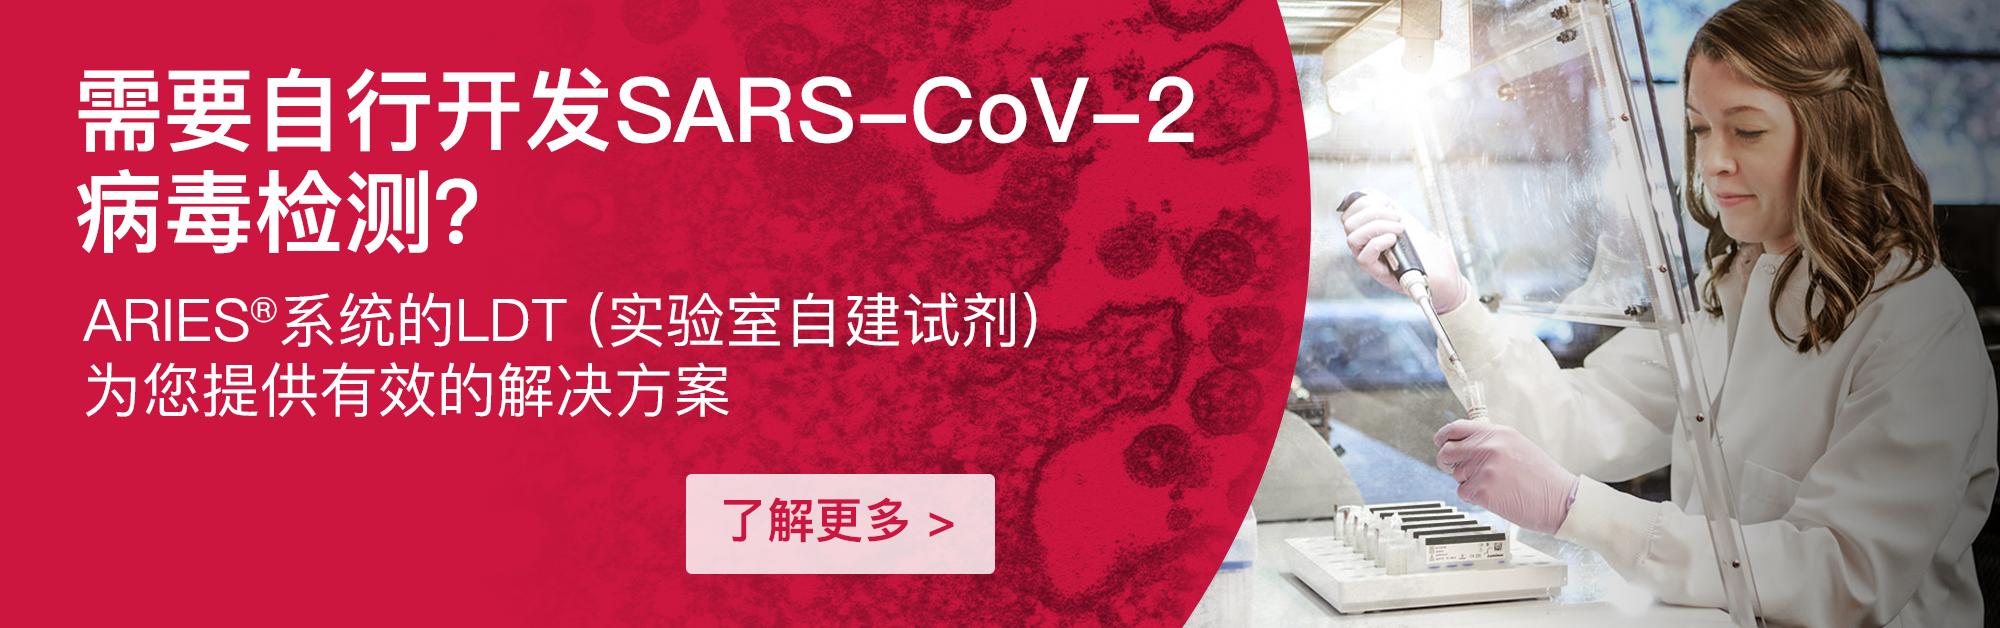 需要自行开发SARS-CoV-2病毒检测?